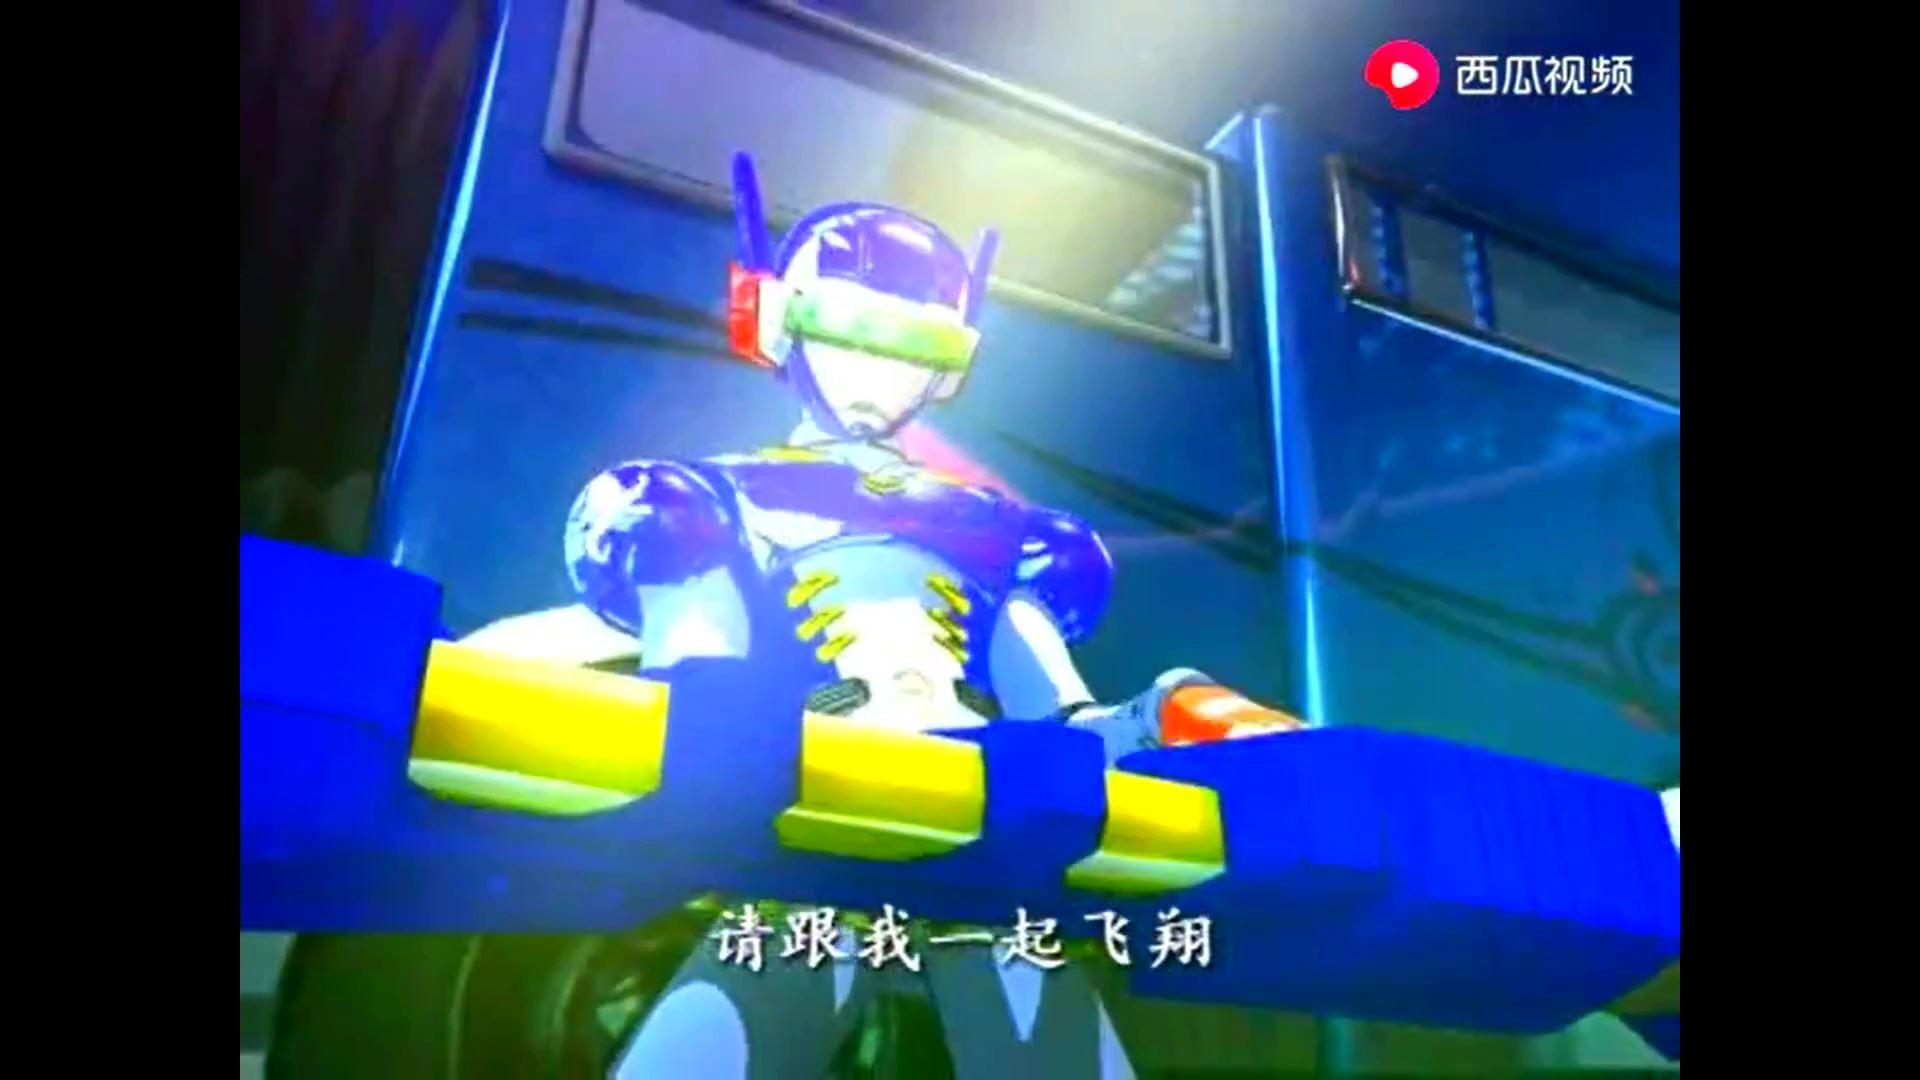 音乐奇侠第一集 デモの場合のみ、ビデオはDVDから抽出されます1.MOV_000